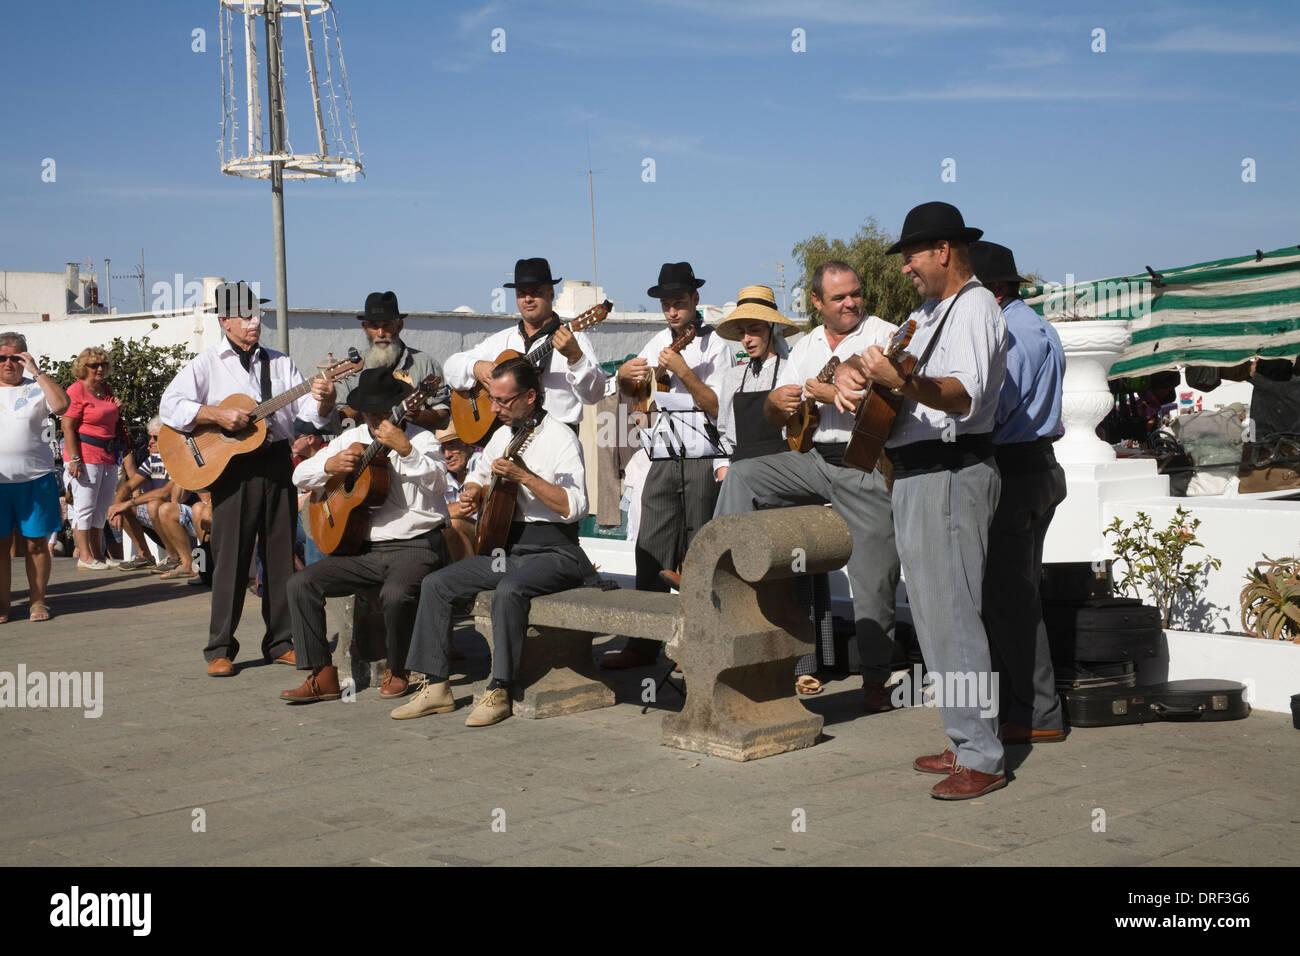 Teguise Lanzarote Kanarische Inseln Gruppe Musiker Plaza De La Constitución unterhaltsam Besucher Wochenmarkt traditionelle Melodien Stockbild